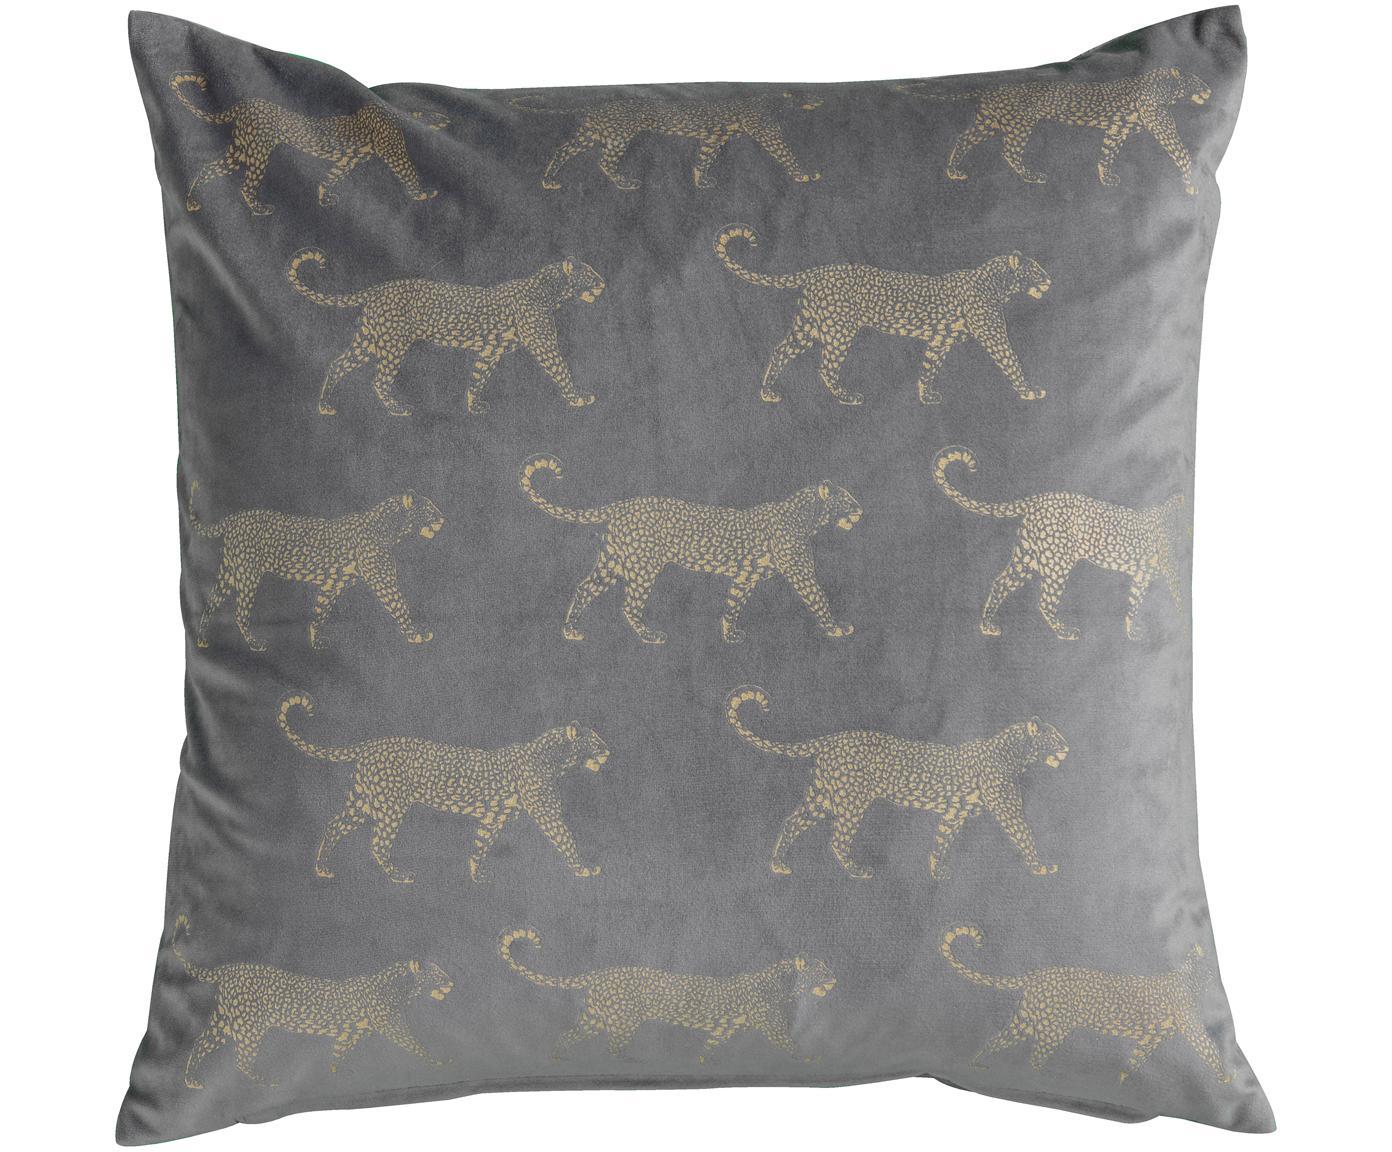 Samt-Kissen Leopard mit glänzendem Print, mit Inlett, Bezug: 100% Polyestersamt, Grau, Goldfarben, 45 x 45 cm